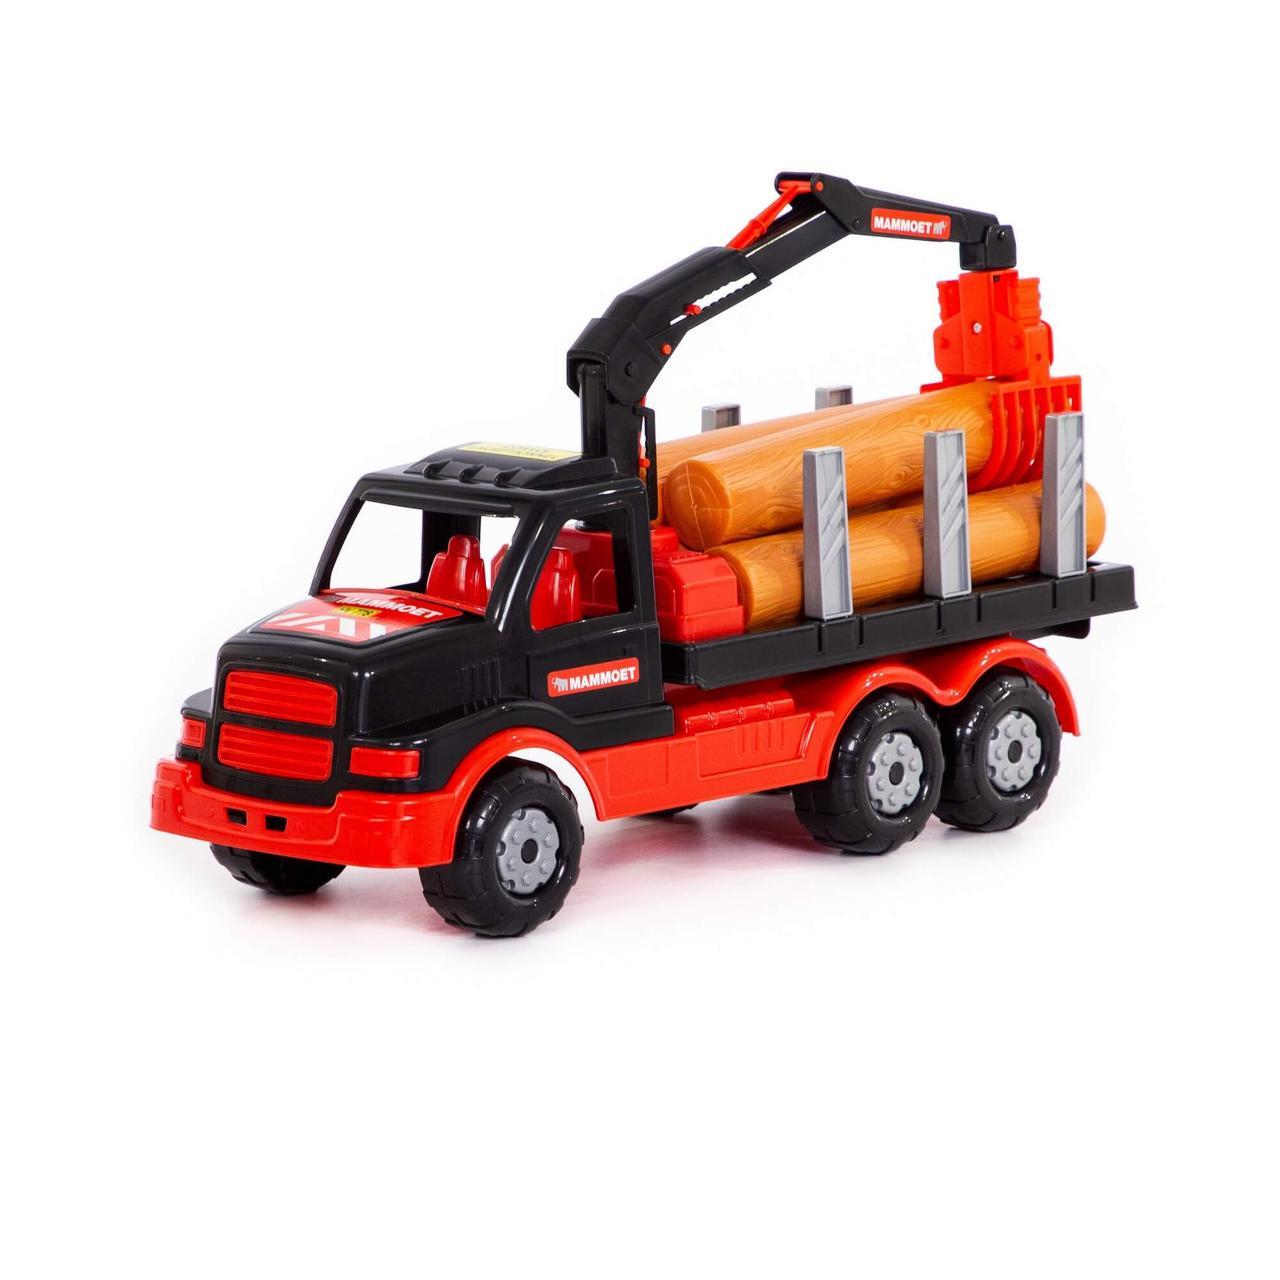 Полесье Игрушечный Автомобиль Лесовоз Mammoet с манипулятором